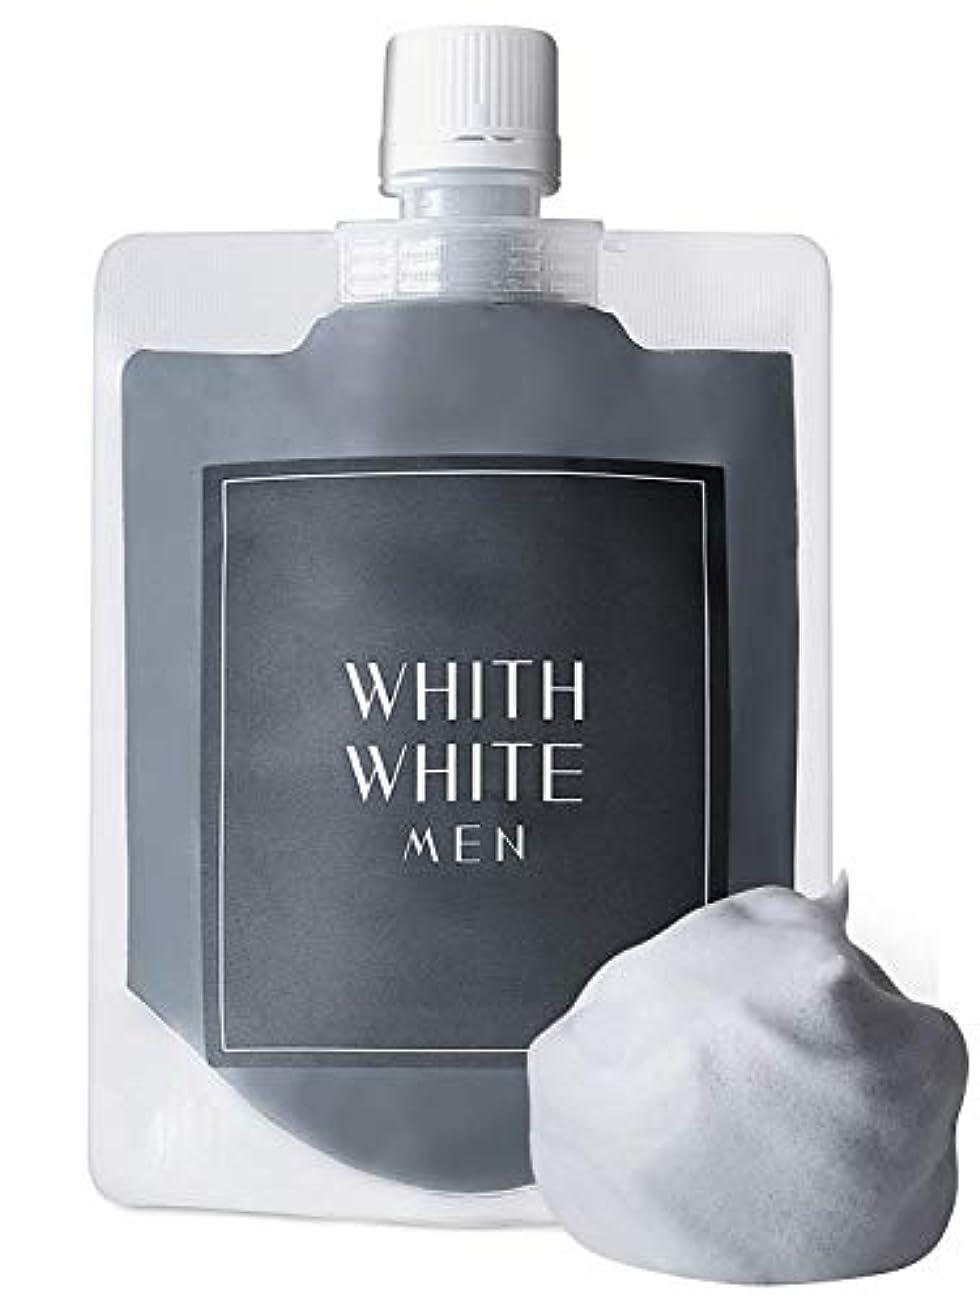 なに証明する等価フィス ホワイト メンズ 泥 洗顔 ネット 付き 8つの 無添加 洗顔フォーム (炭 泡 クレイ で 顔 汚れ を 落とす) (日本製 洗顔料 130g リッチ セット)(どろ で 毛穴 を ごっそり 除去)